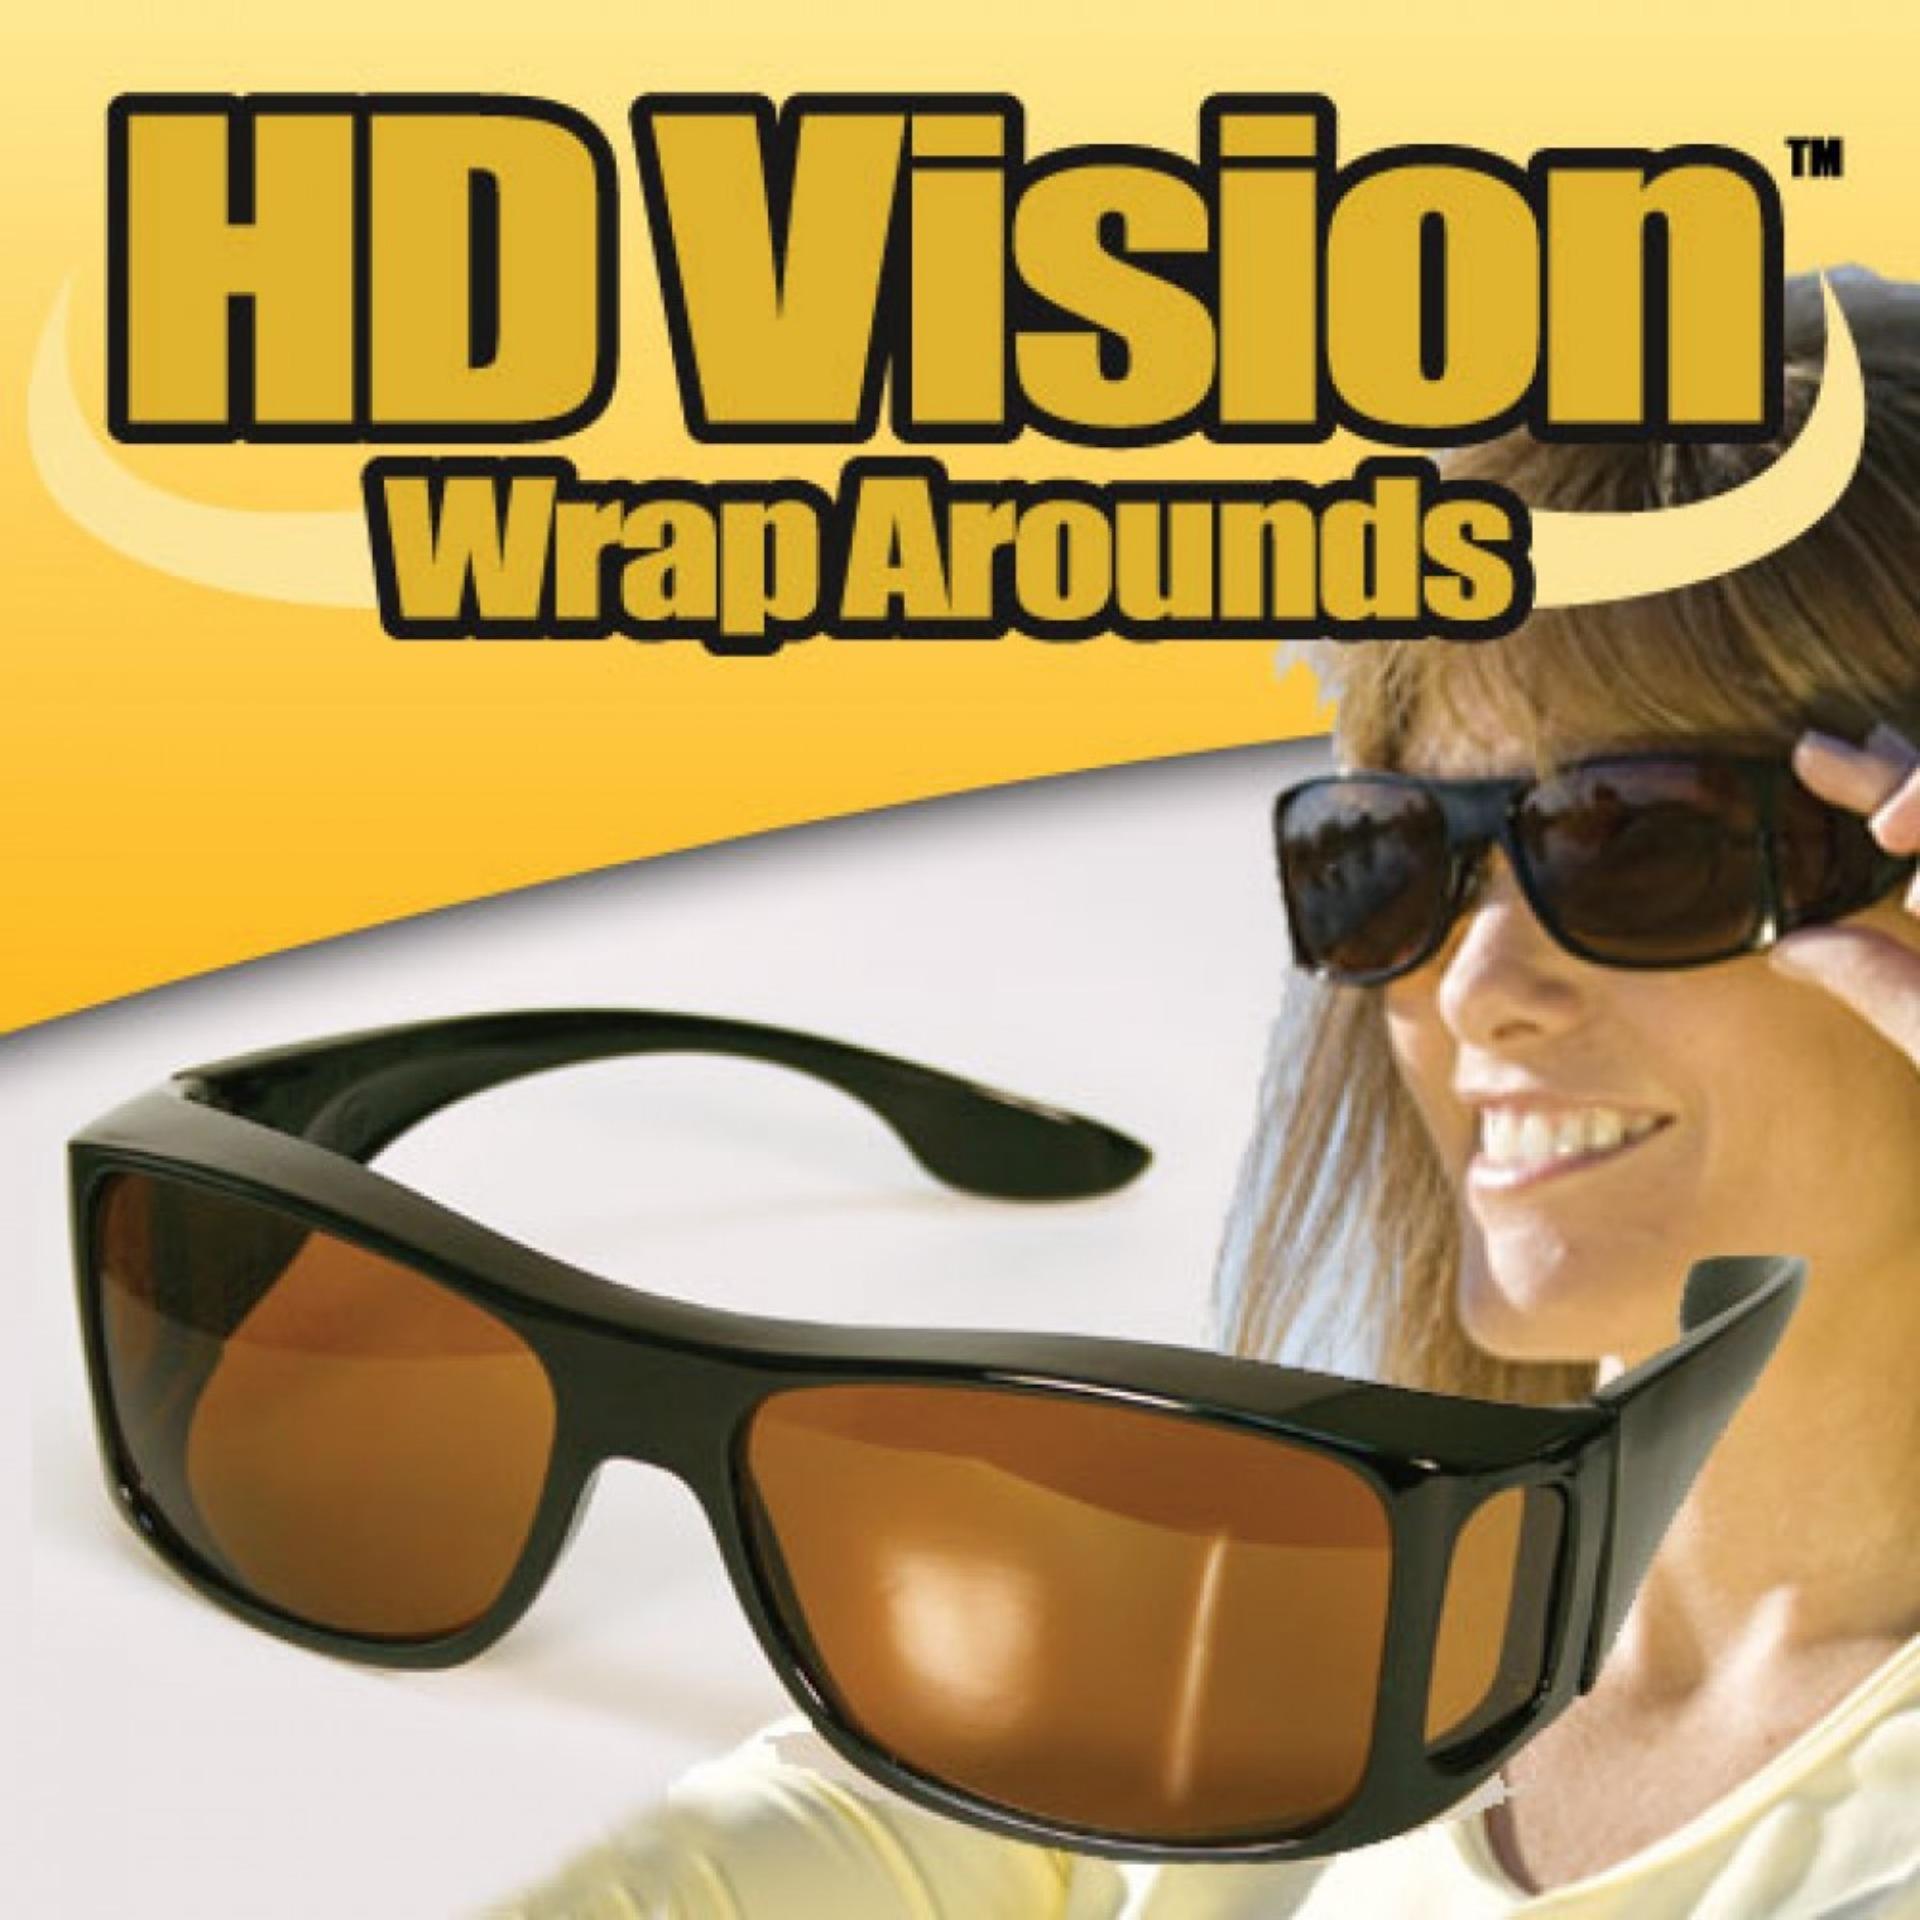 Perbandingan Harga Kacamata Hd Vision Sunglasses Anti Silau Siang Serbaguna Malam Vight And Day 2 Pcs